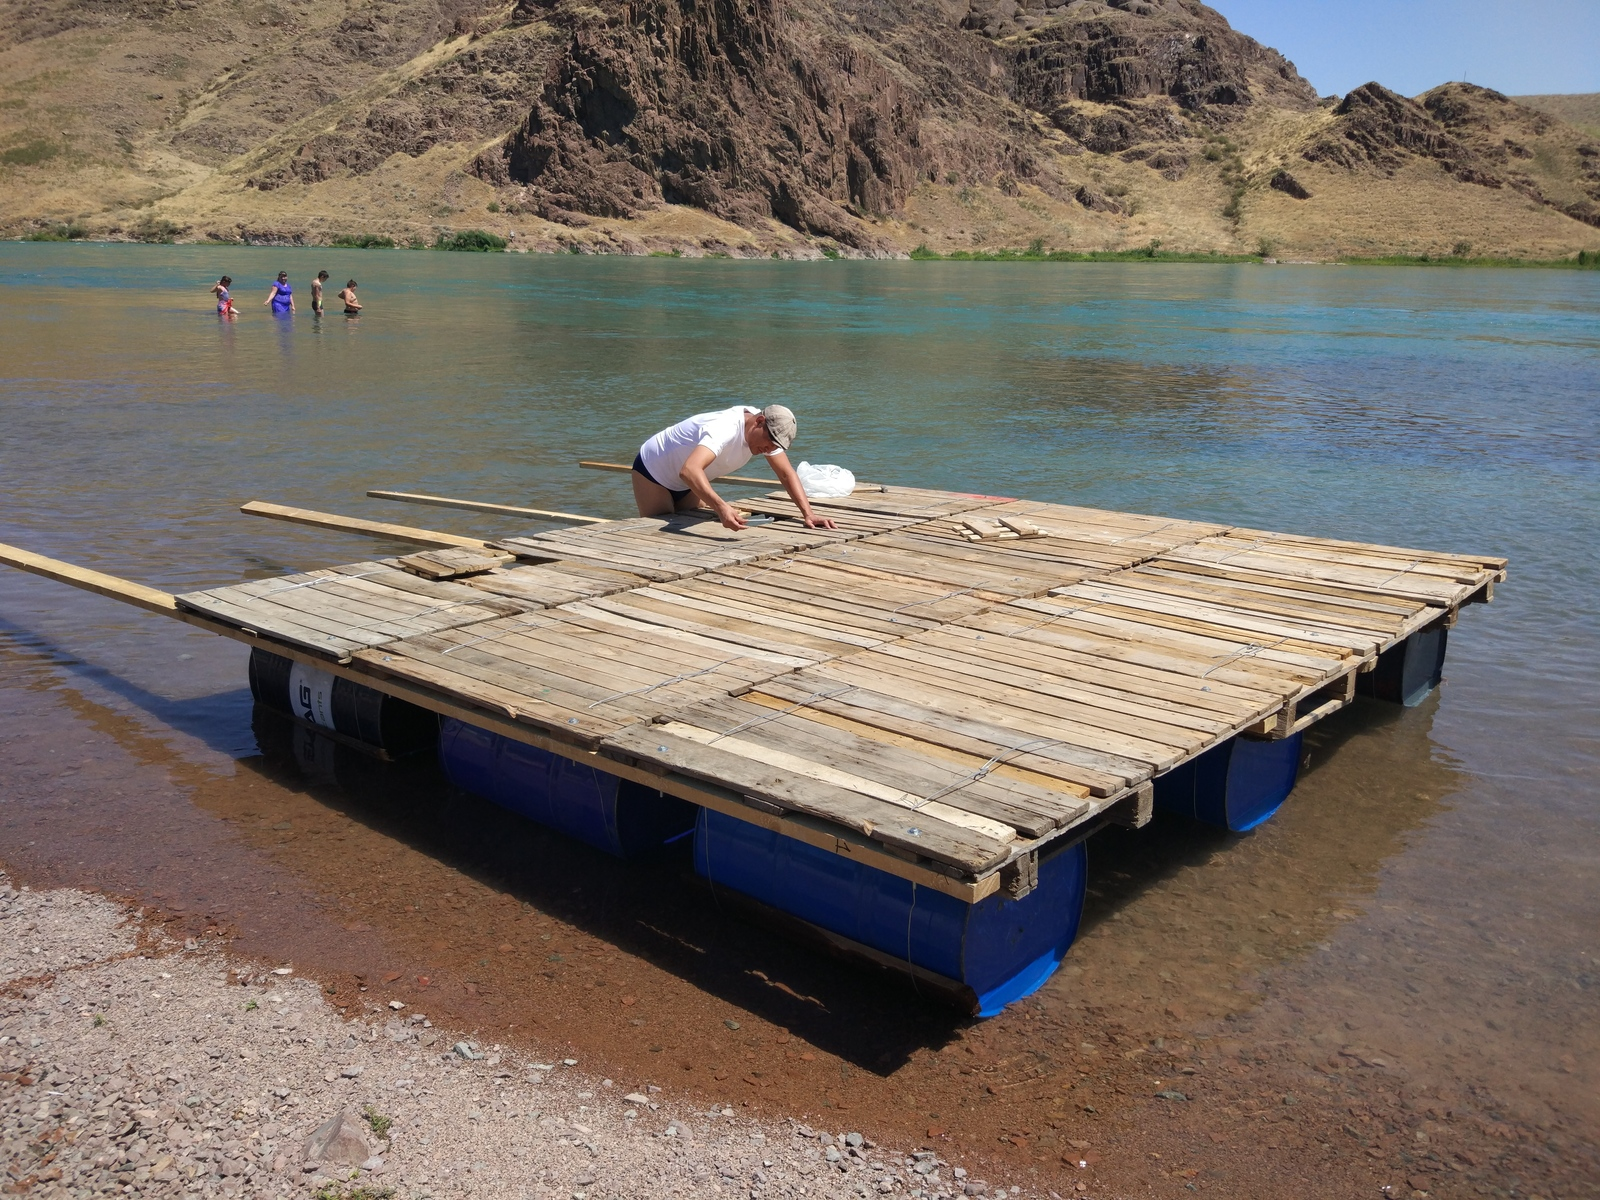 Как сделать плот для сплава по реке